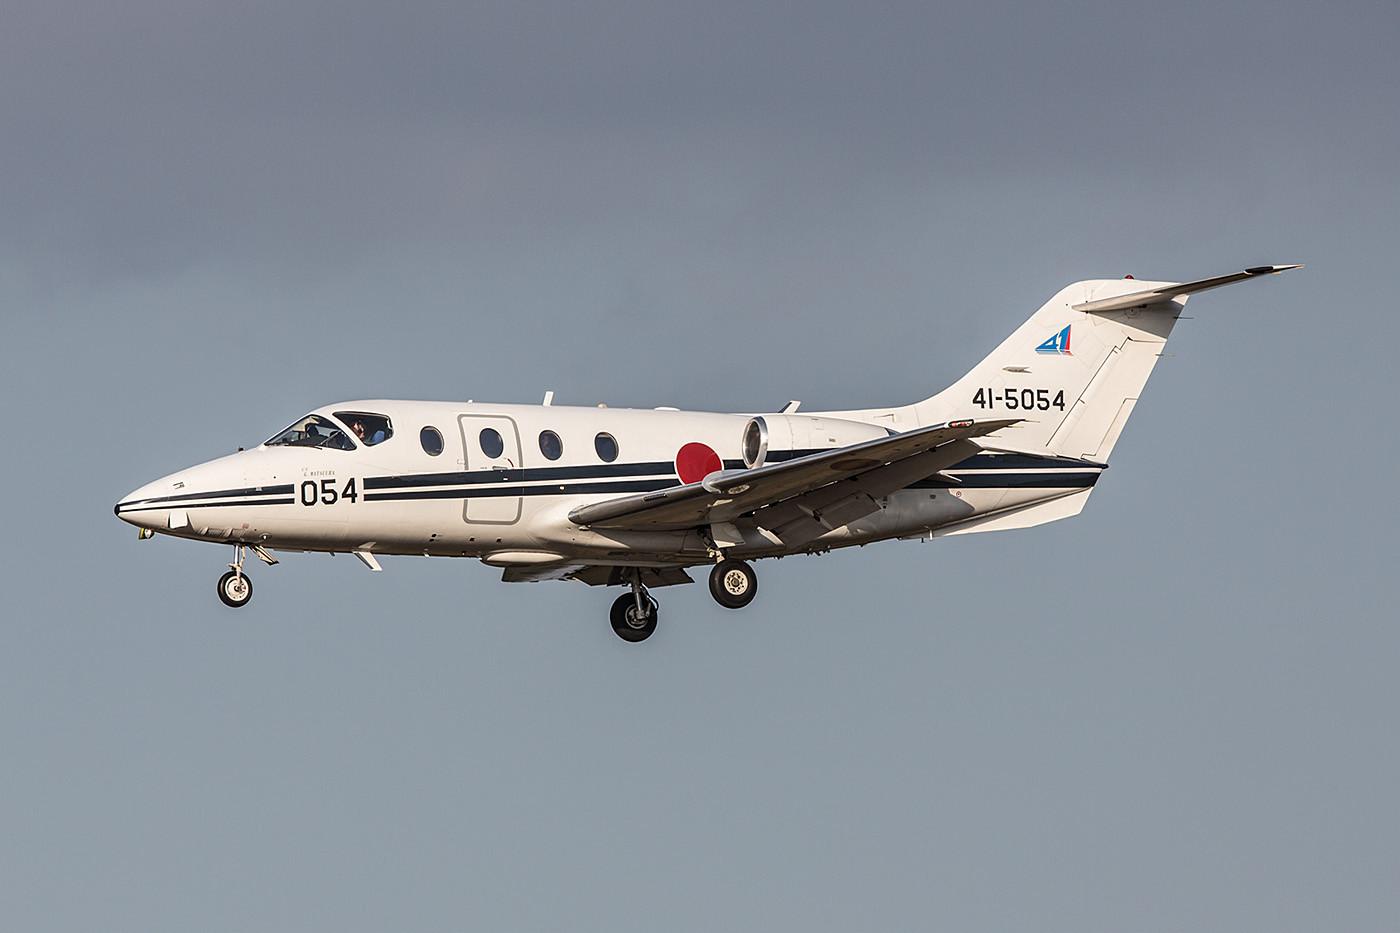 Zukünftige Transportflieger machen ihren Fortgeschrittenenkurs bei der 41 Kyoiku Hikotai in Miho.